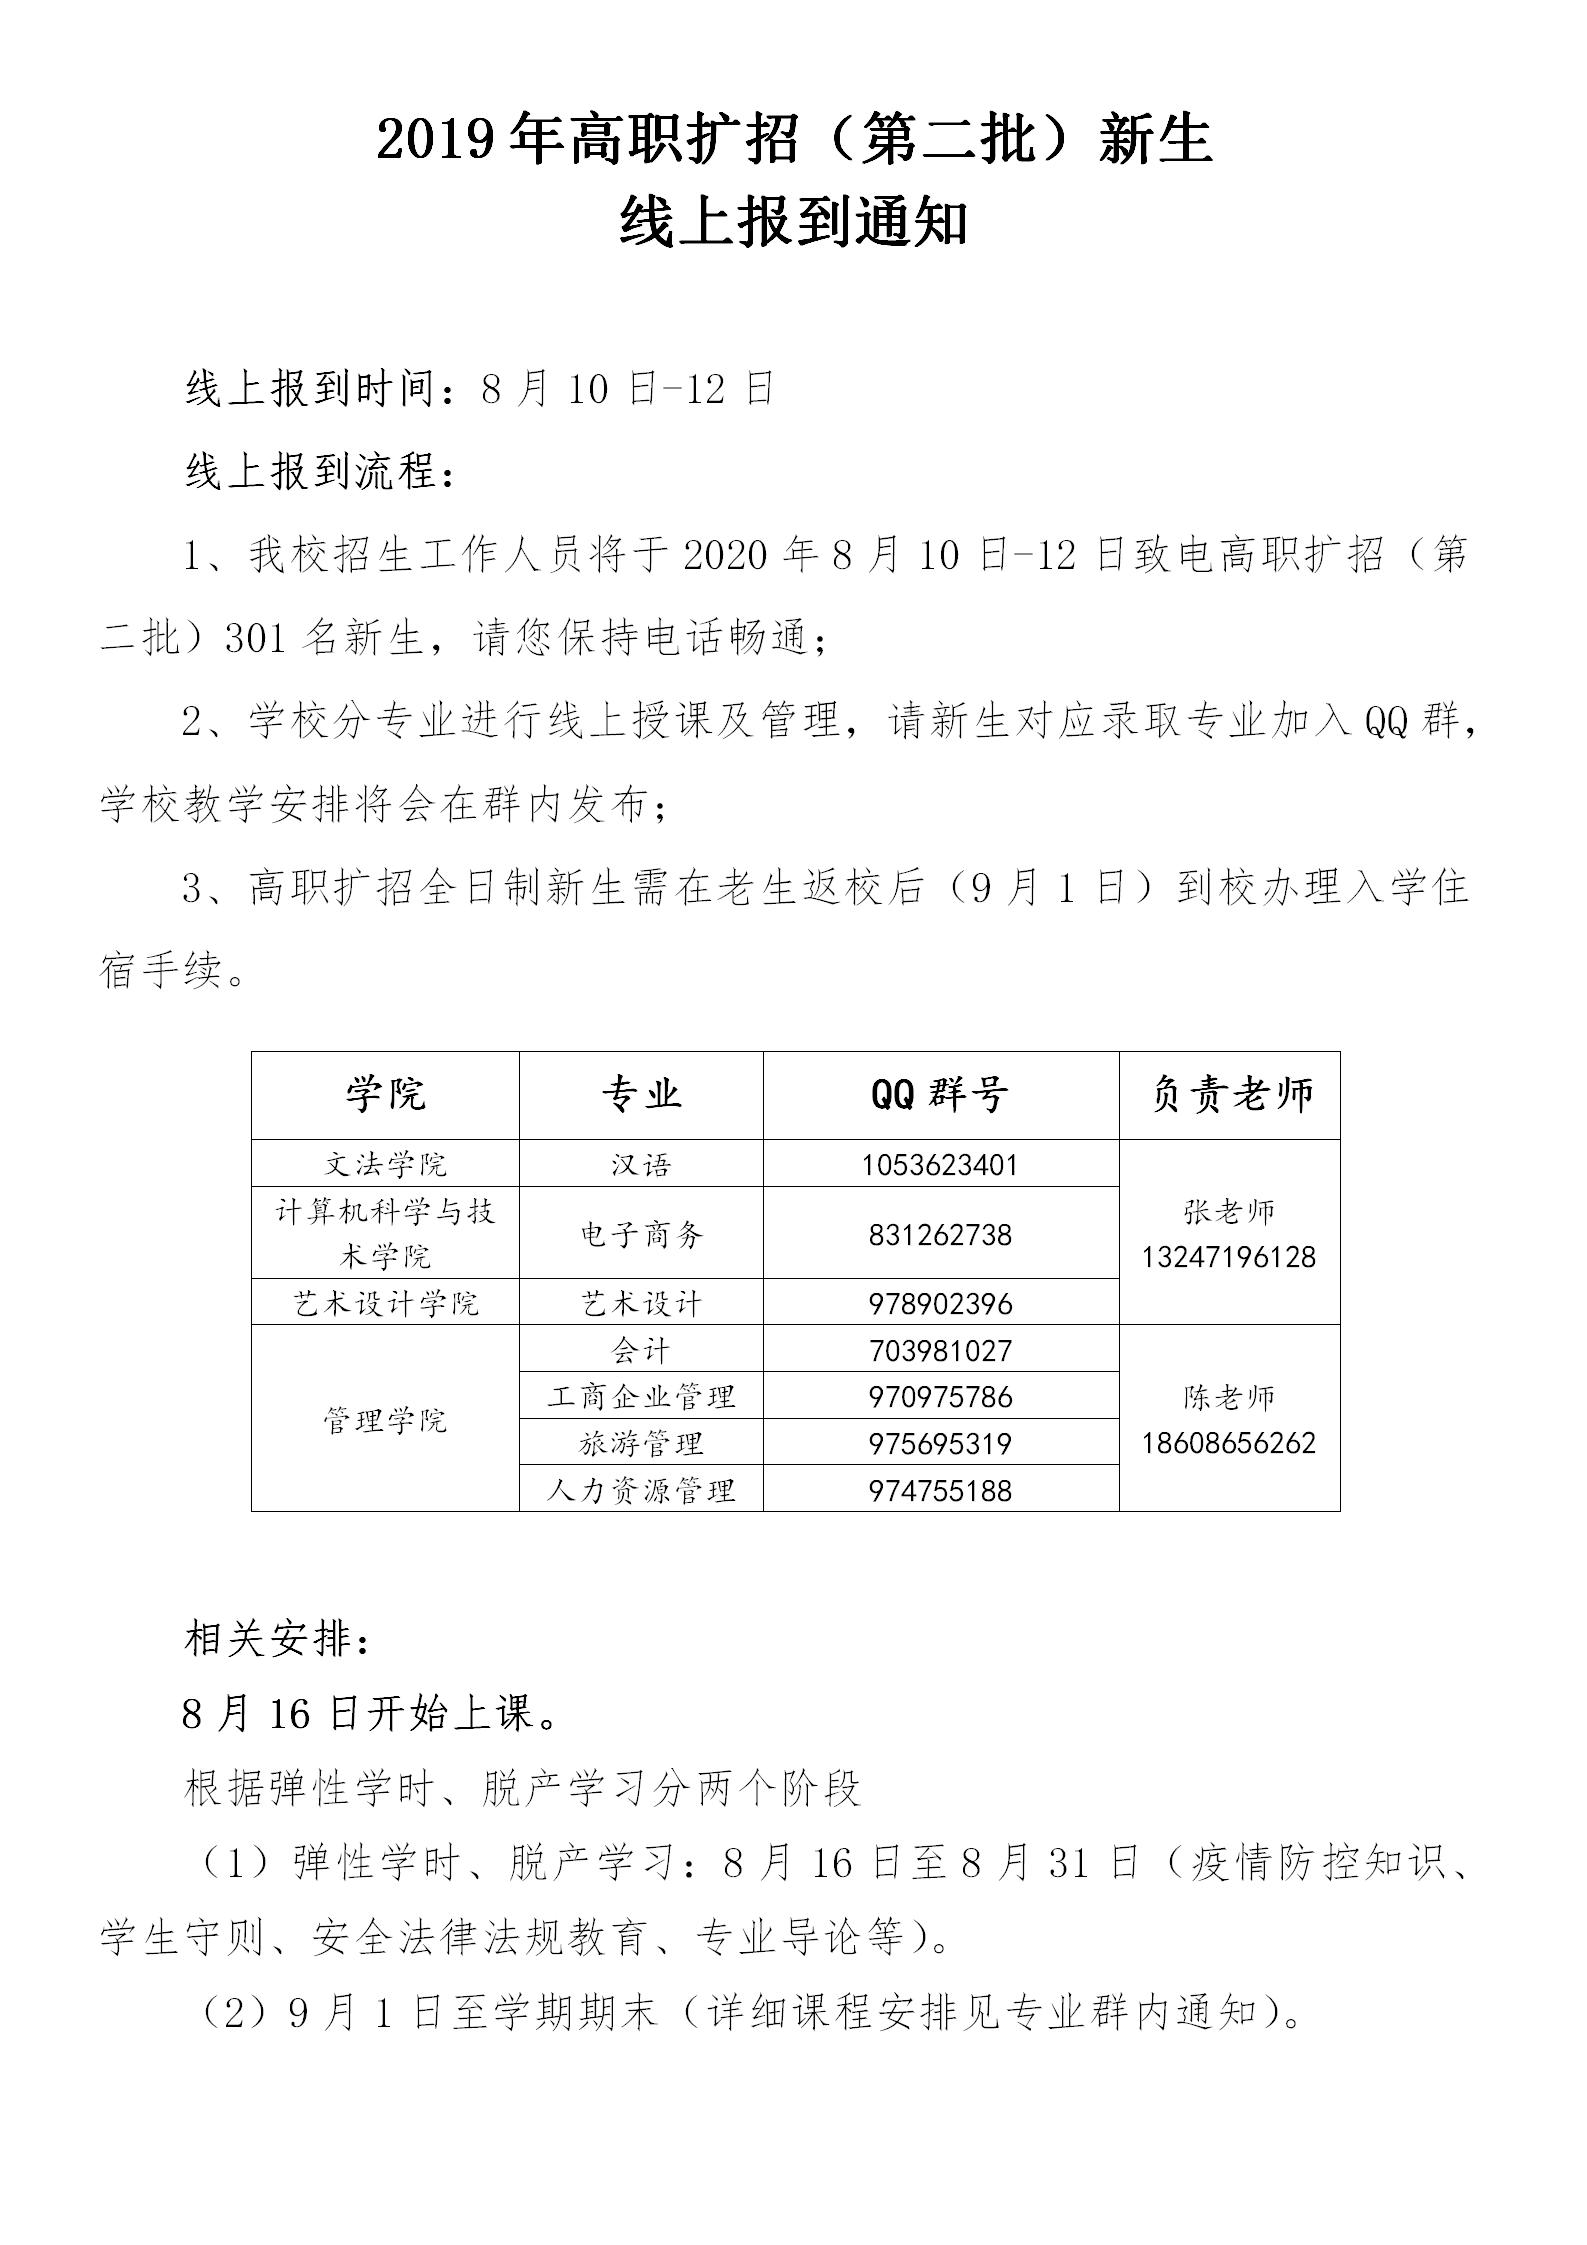 高职扩招(第二批)新生开学通知_01.png